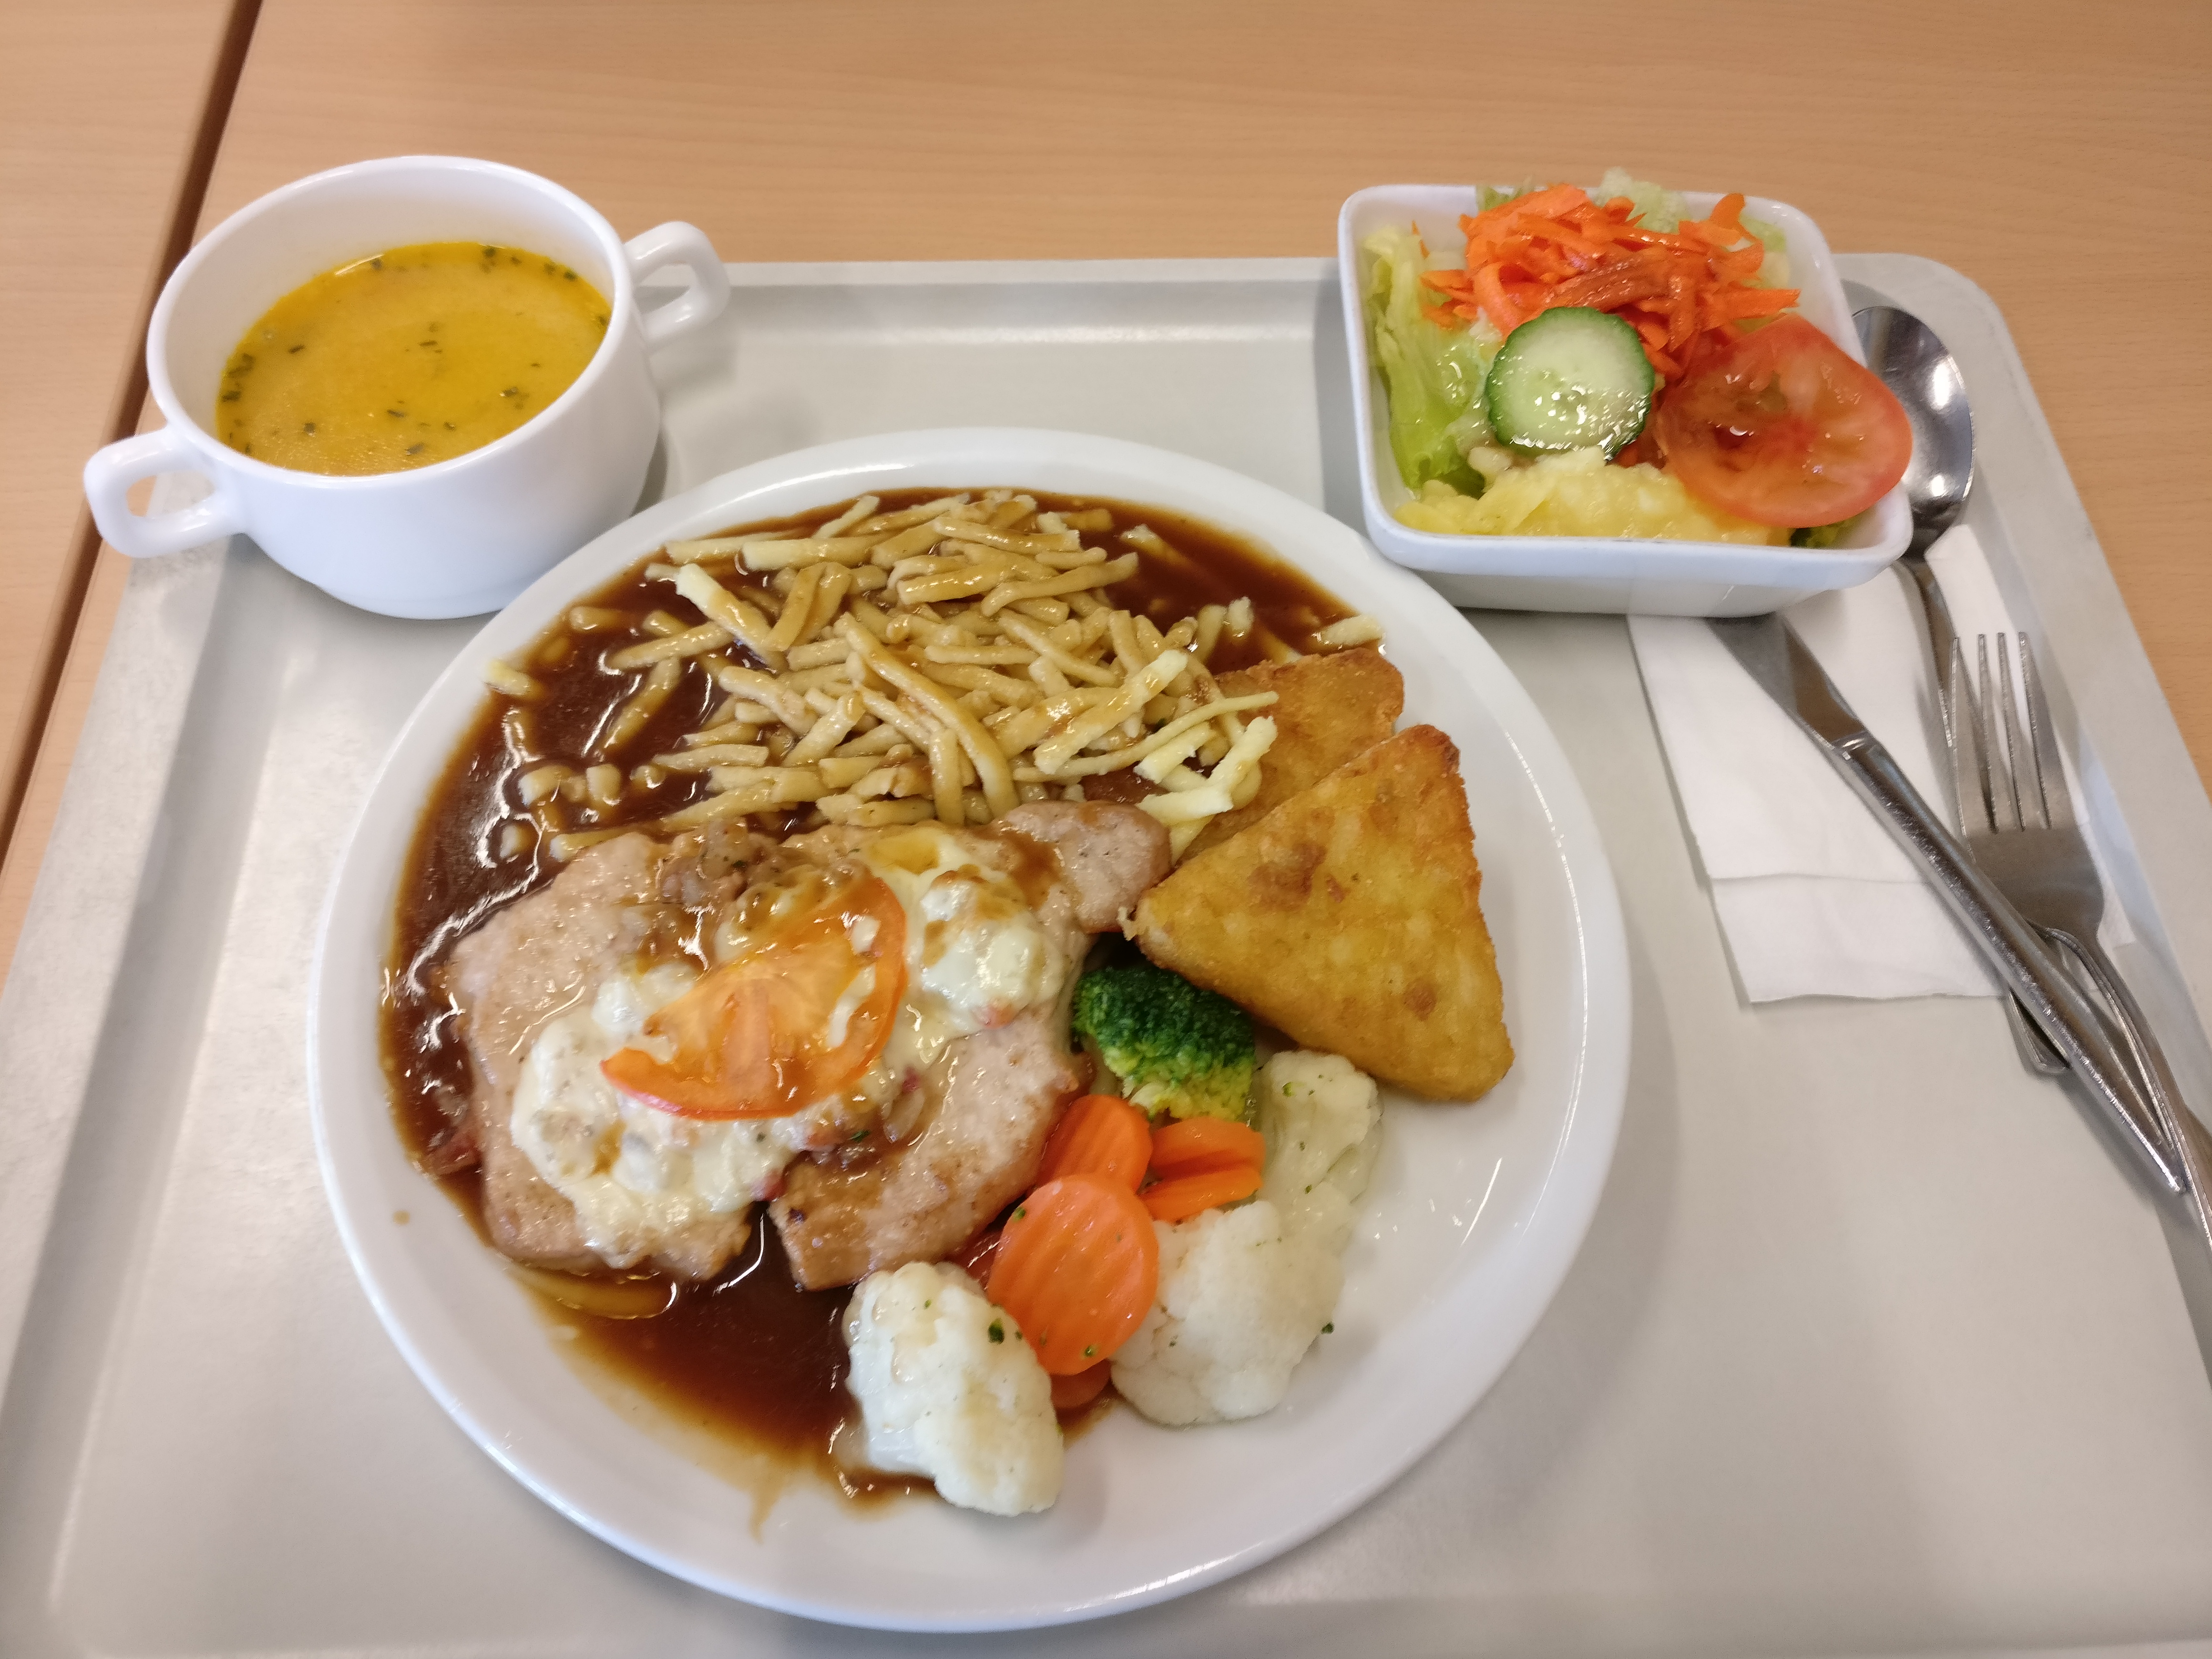 http://foodloader.net/nico_2017-04-19_steak-spaetzle-kartoffelecken-gemuese-suppe-salat.jpg